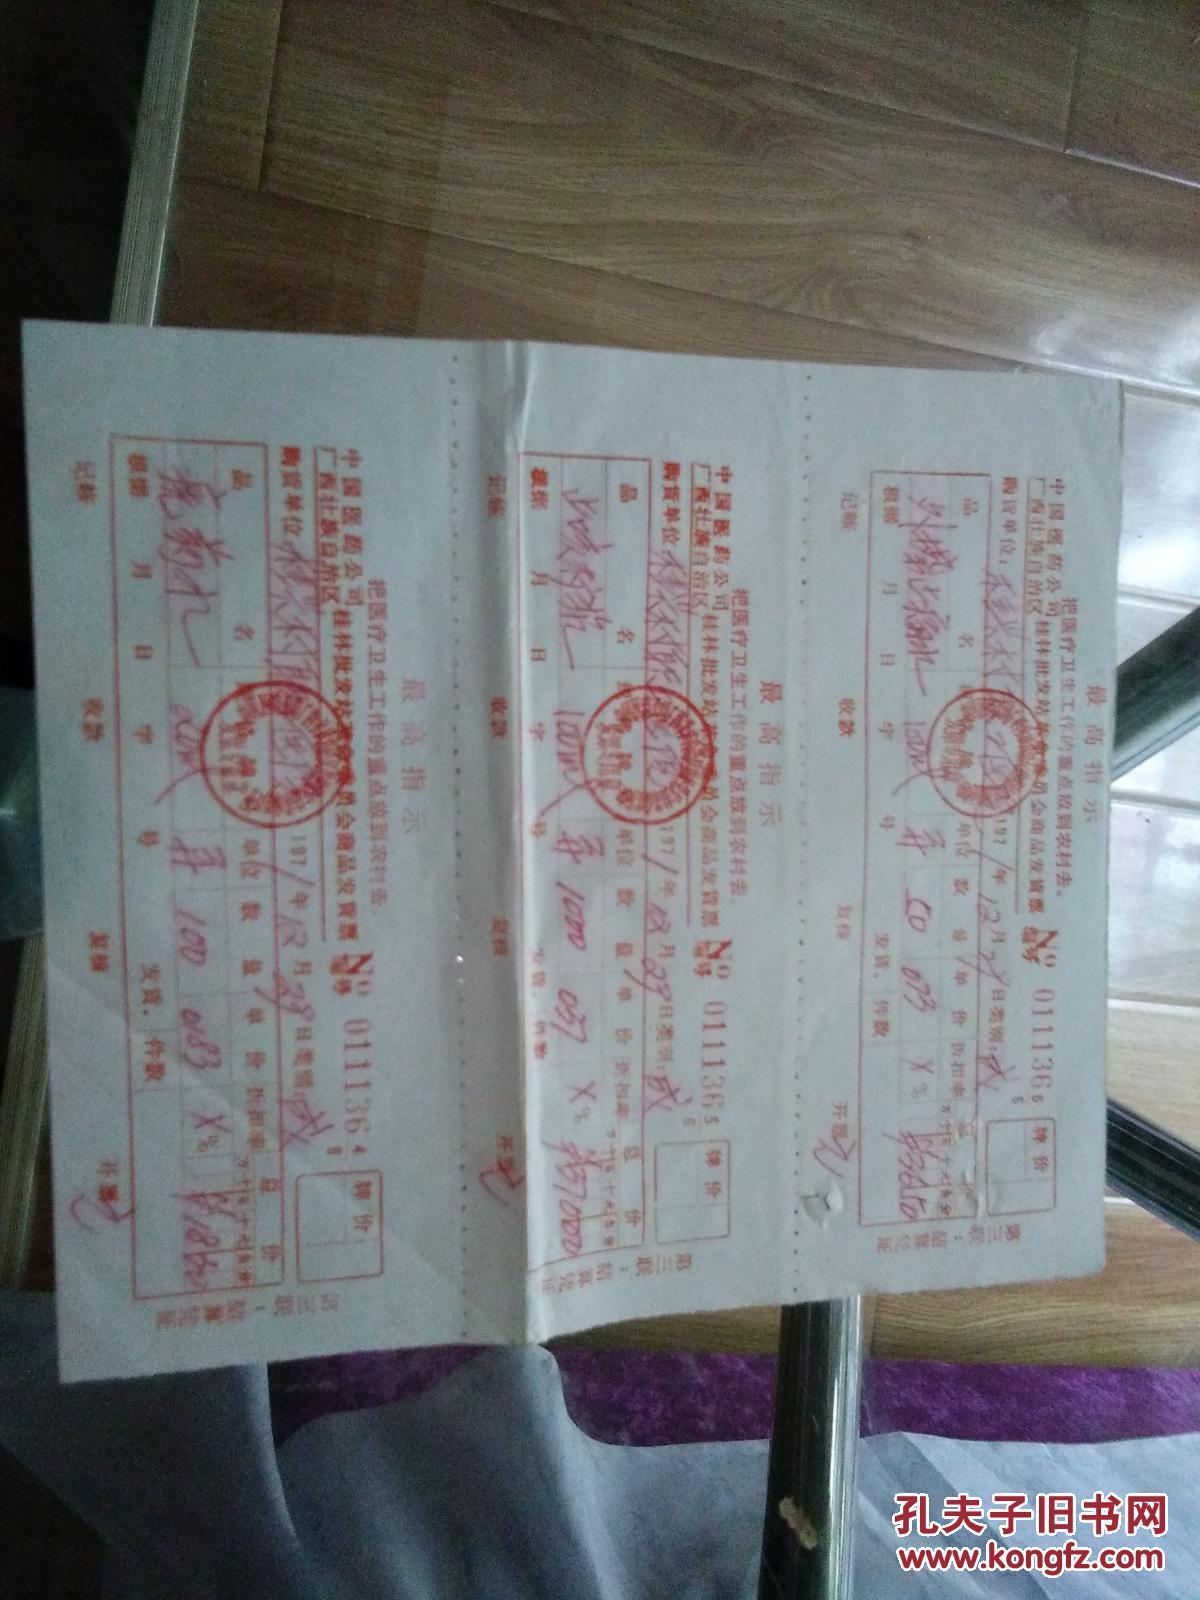 老票证三连张医药发票1971年中国高中文广西桂林站革委商语录入学新生v票证图片